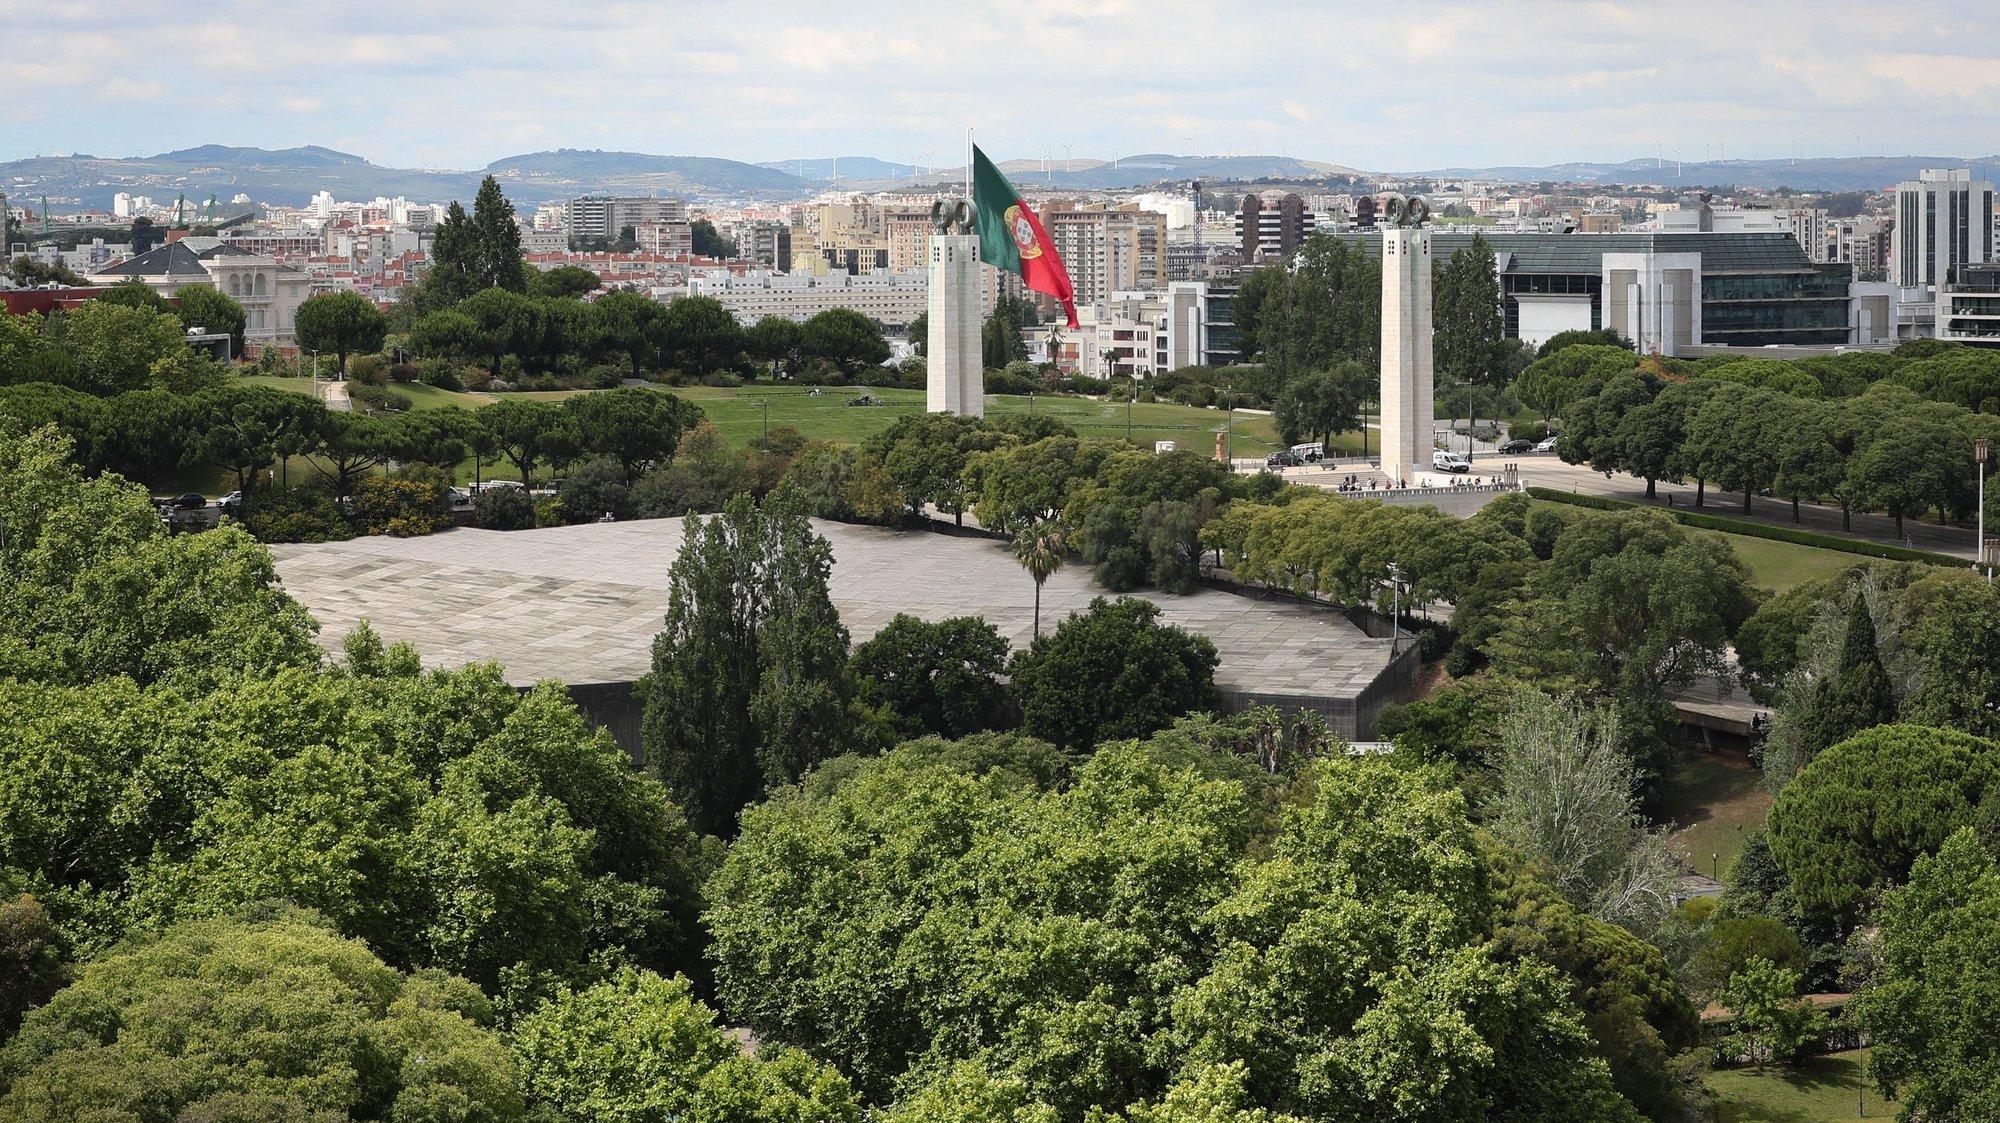 Vista do Parque Eduardo VII, Lisboa, 27 de junho de 2019. ANTÓNIO COTRIM/LUSA